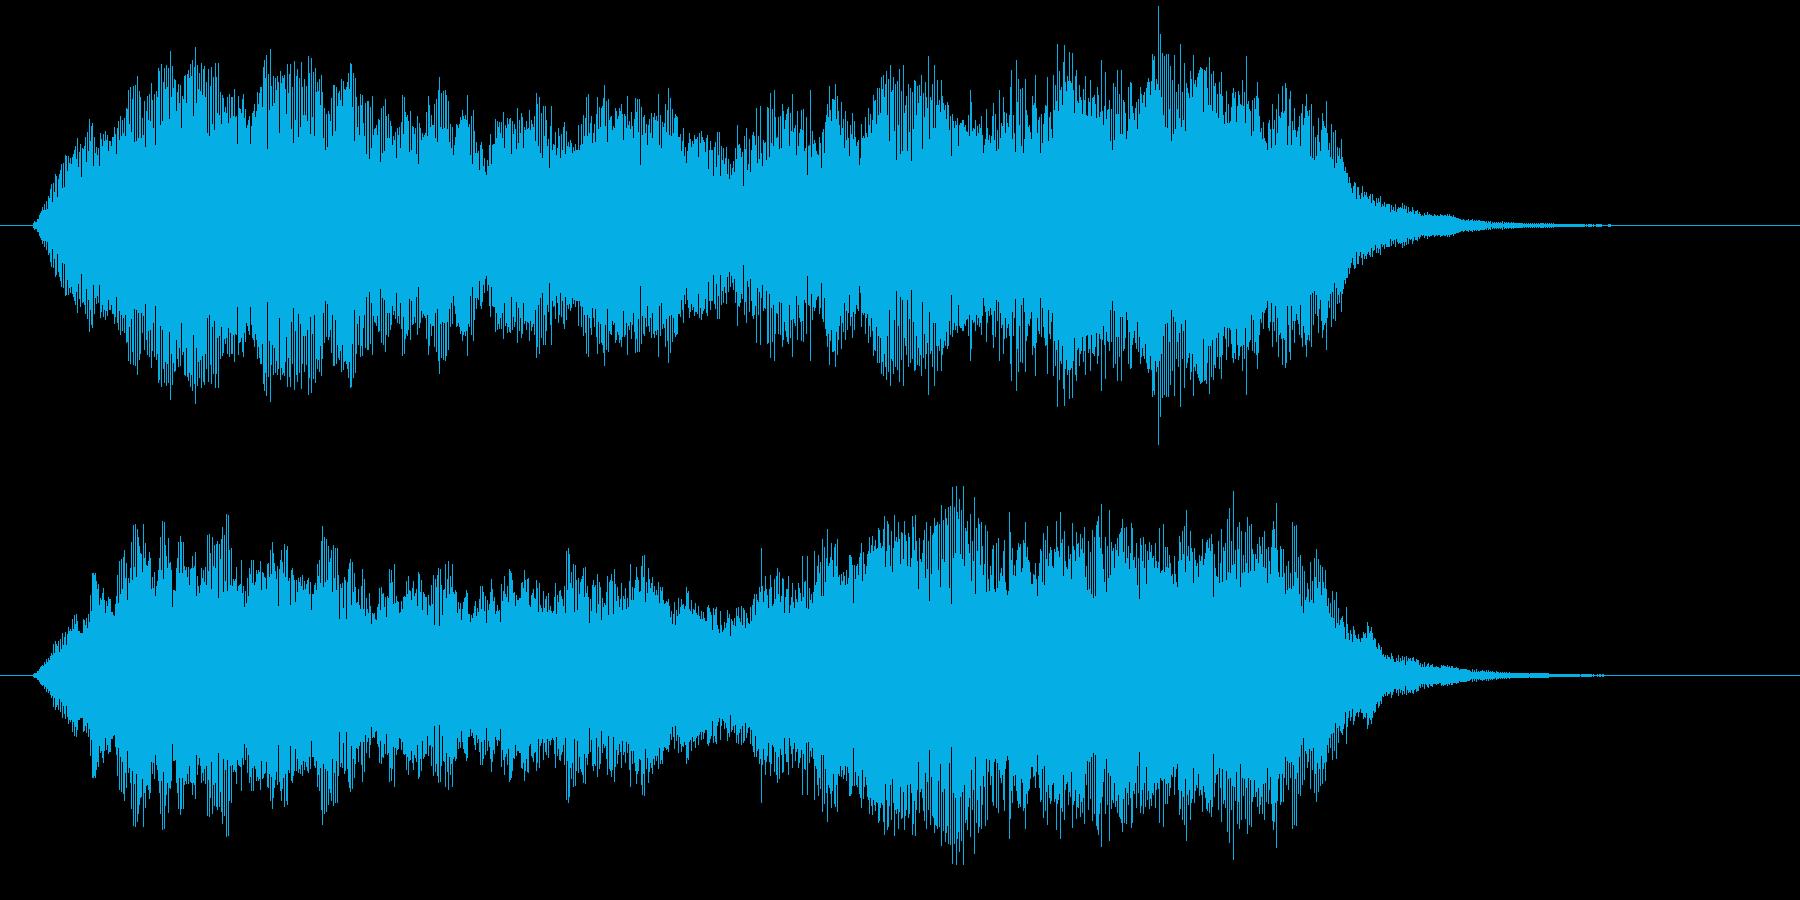 幻想的で大らかなヒーリングジングルの再生済みの波形